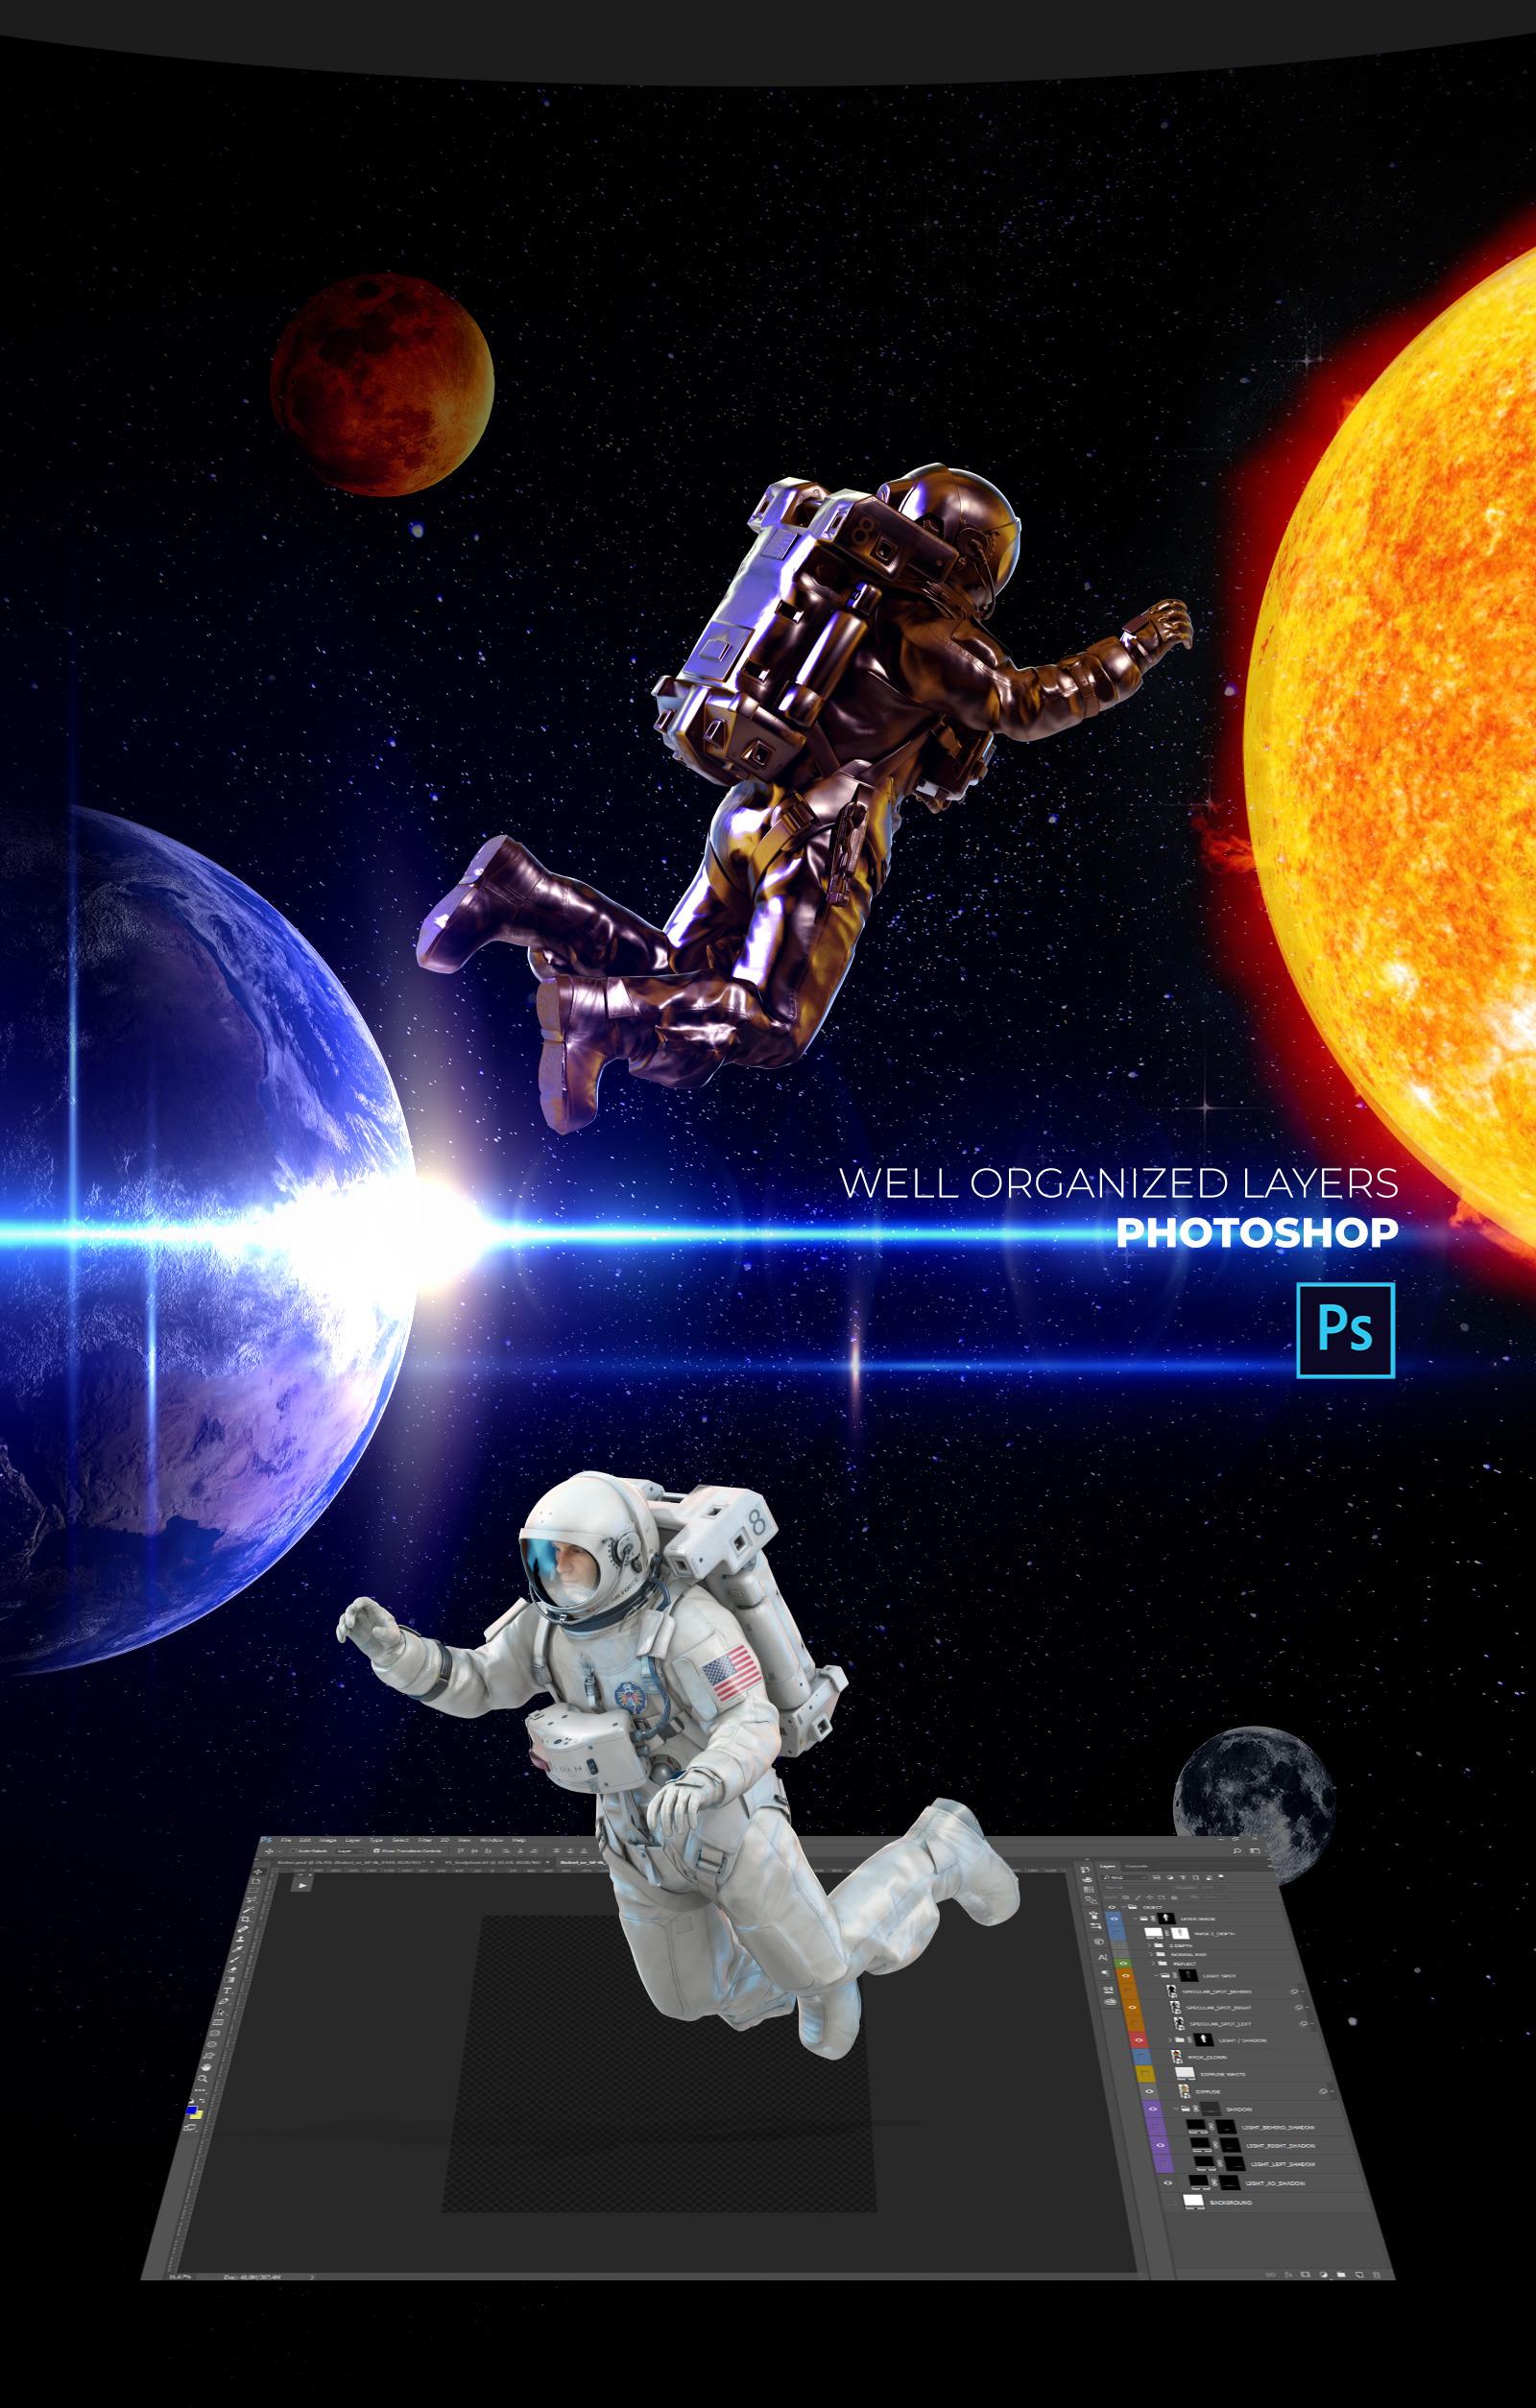 16款多角度太空宇航员3D模型平面设计PS素材源文件 3D Mockup Space Astronaut #04插图(3)